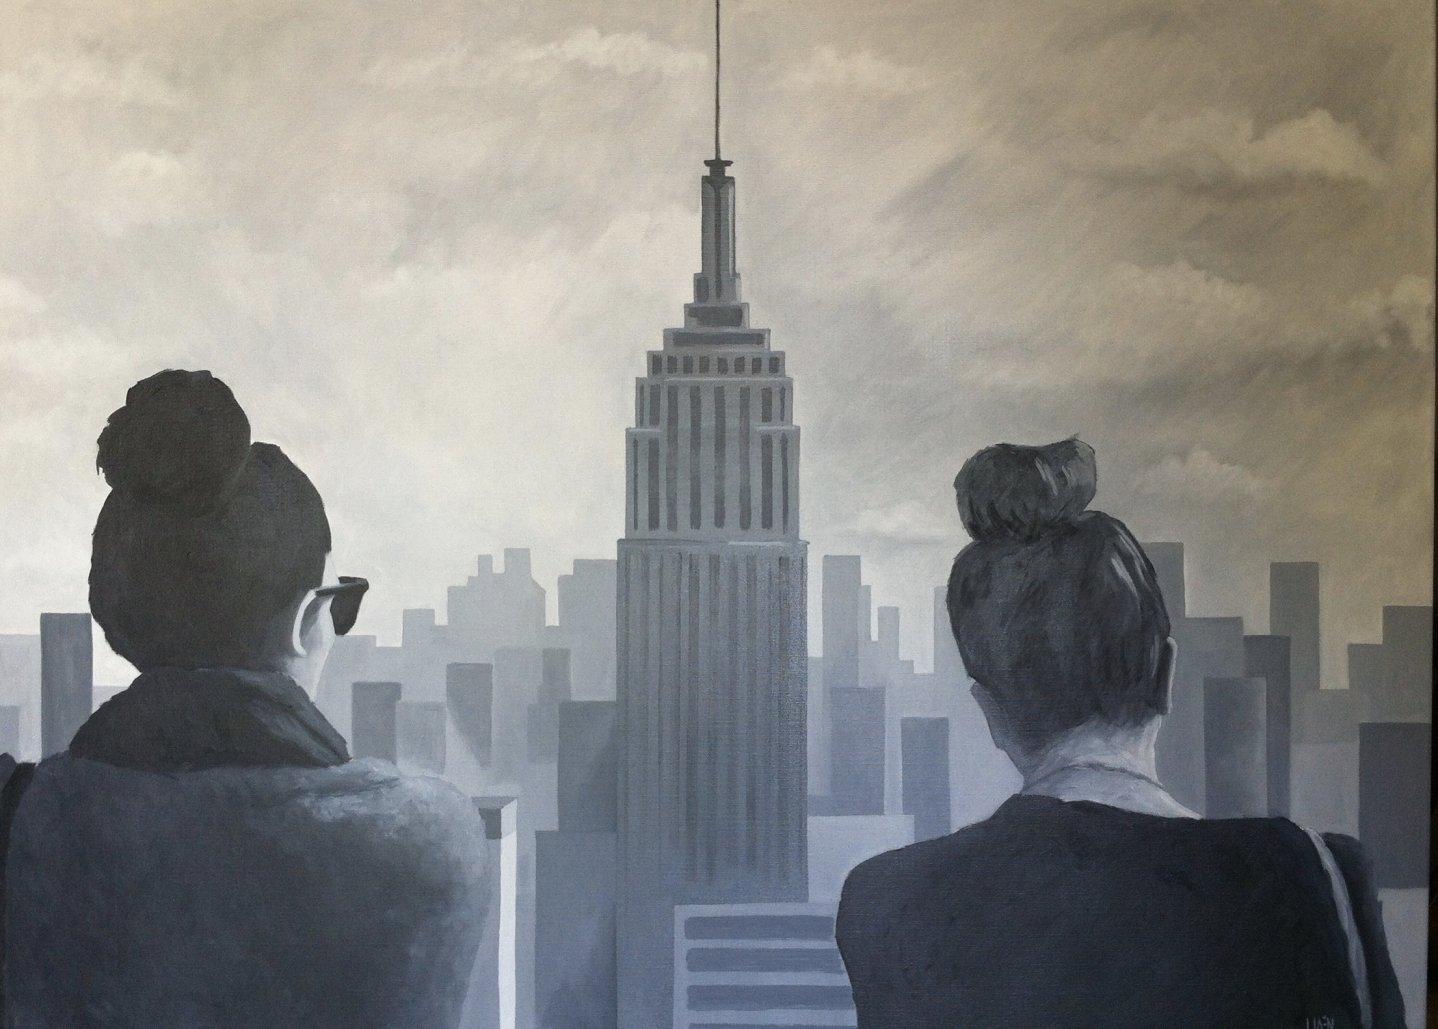 NEW YORK, NEW YORK (2018) - Isidro Jaén